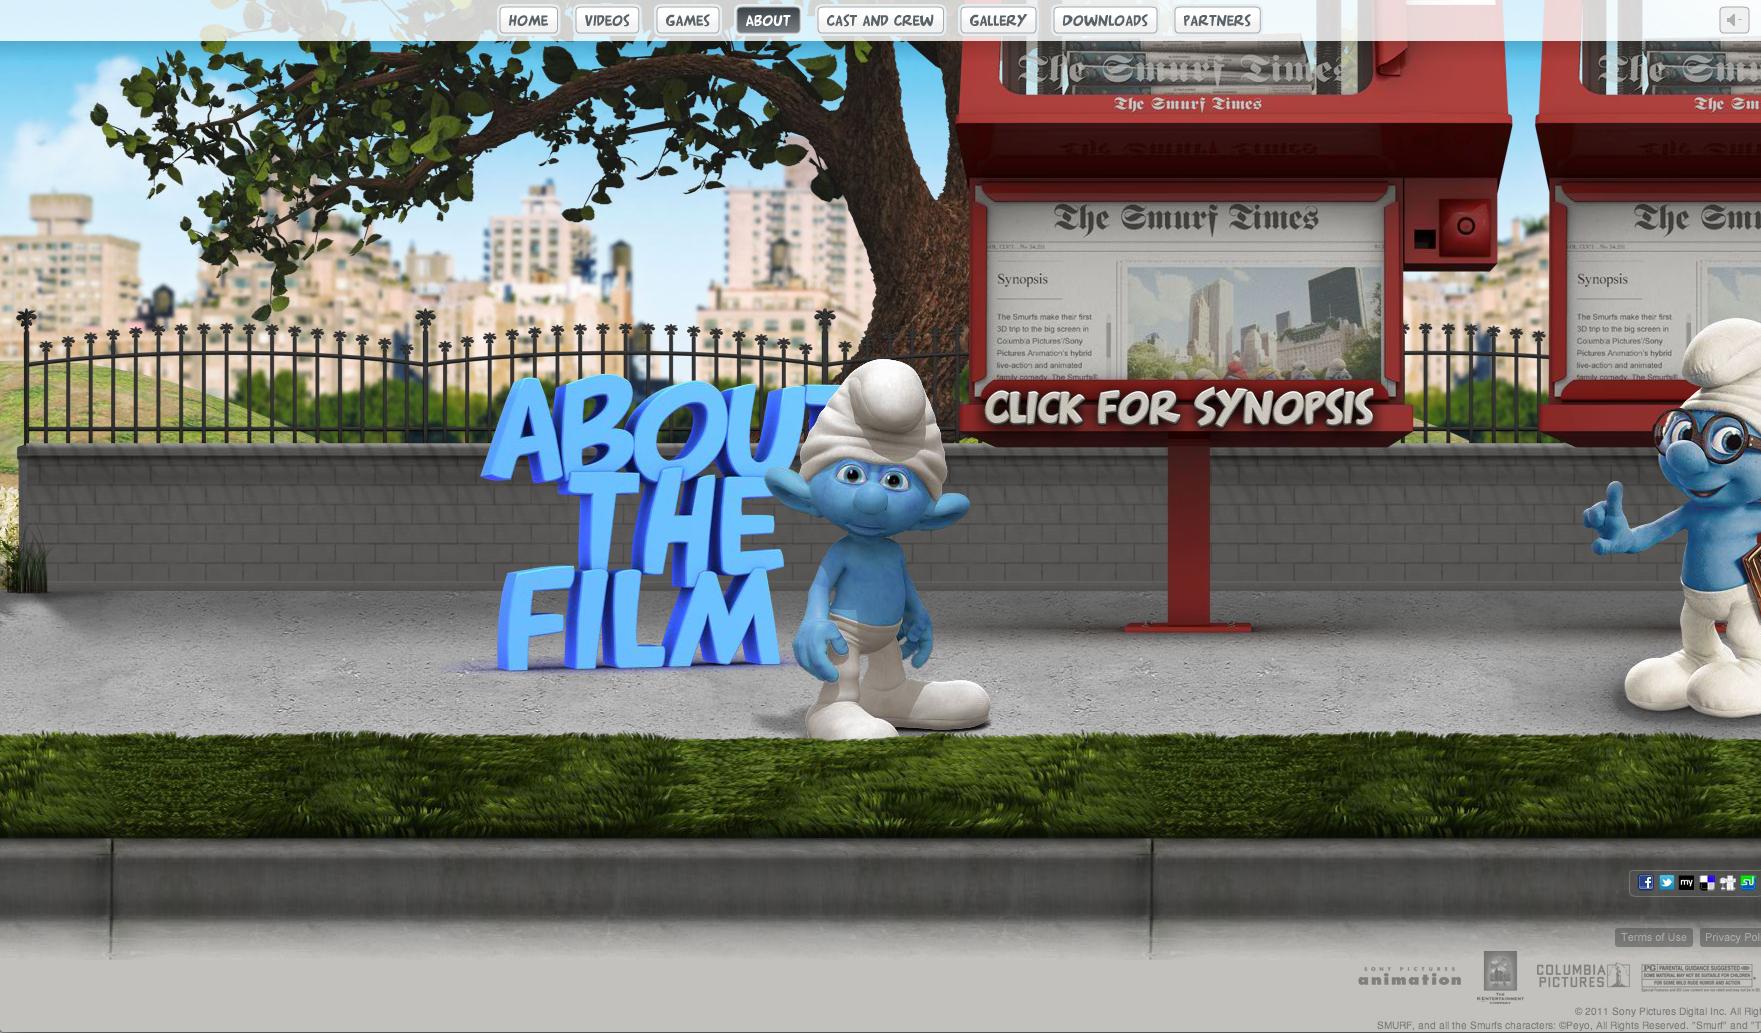 smurfs-site_0003_04.jpg